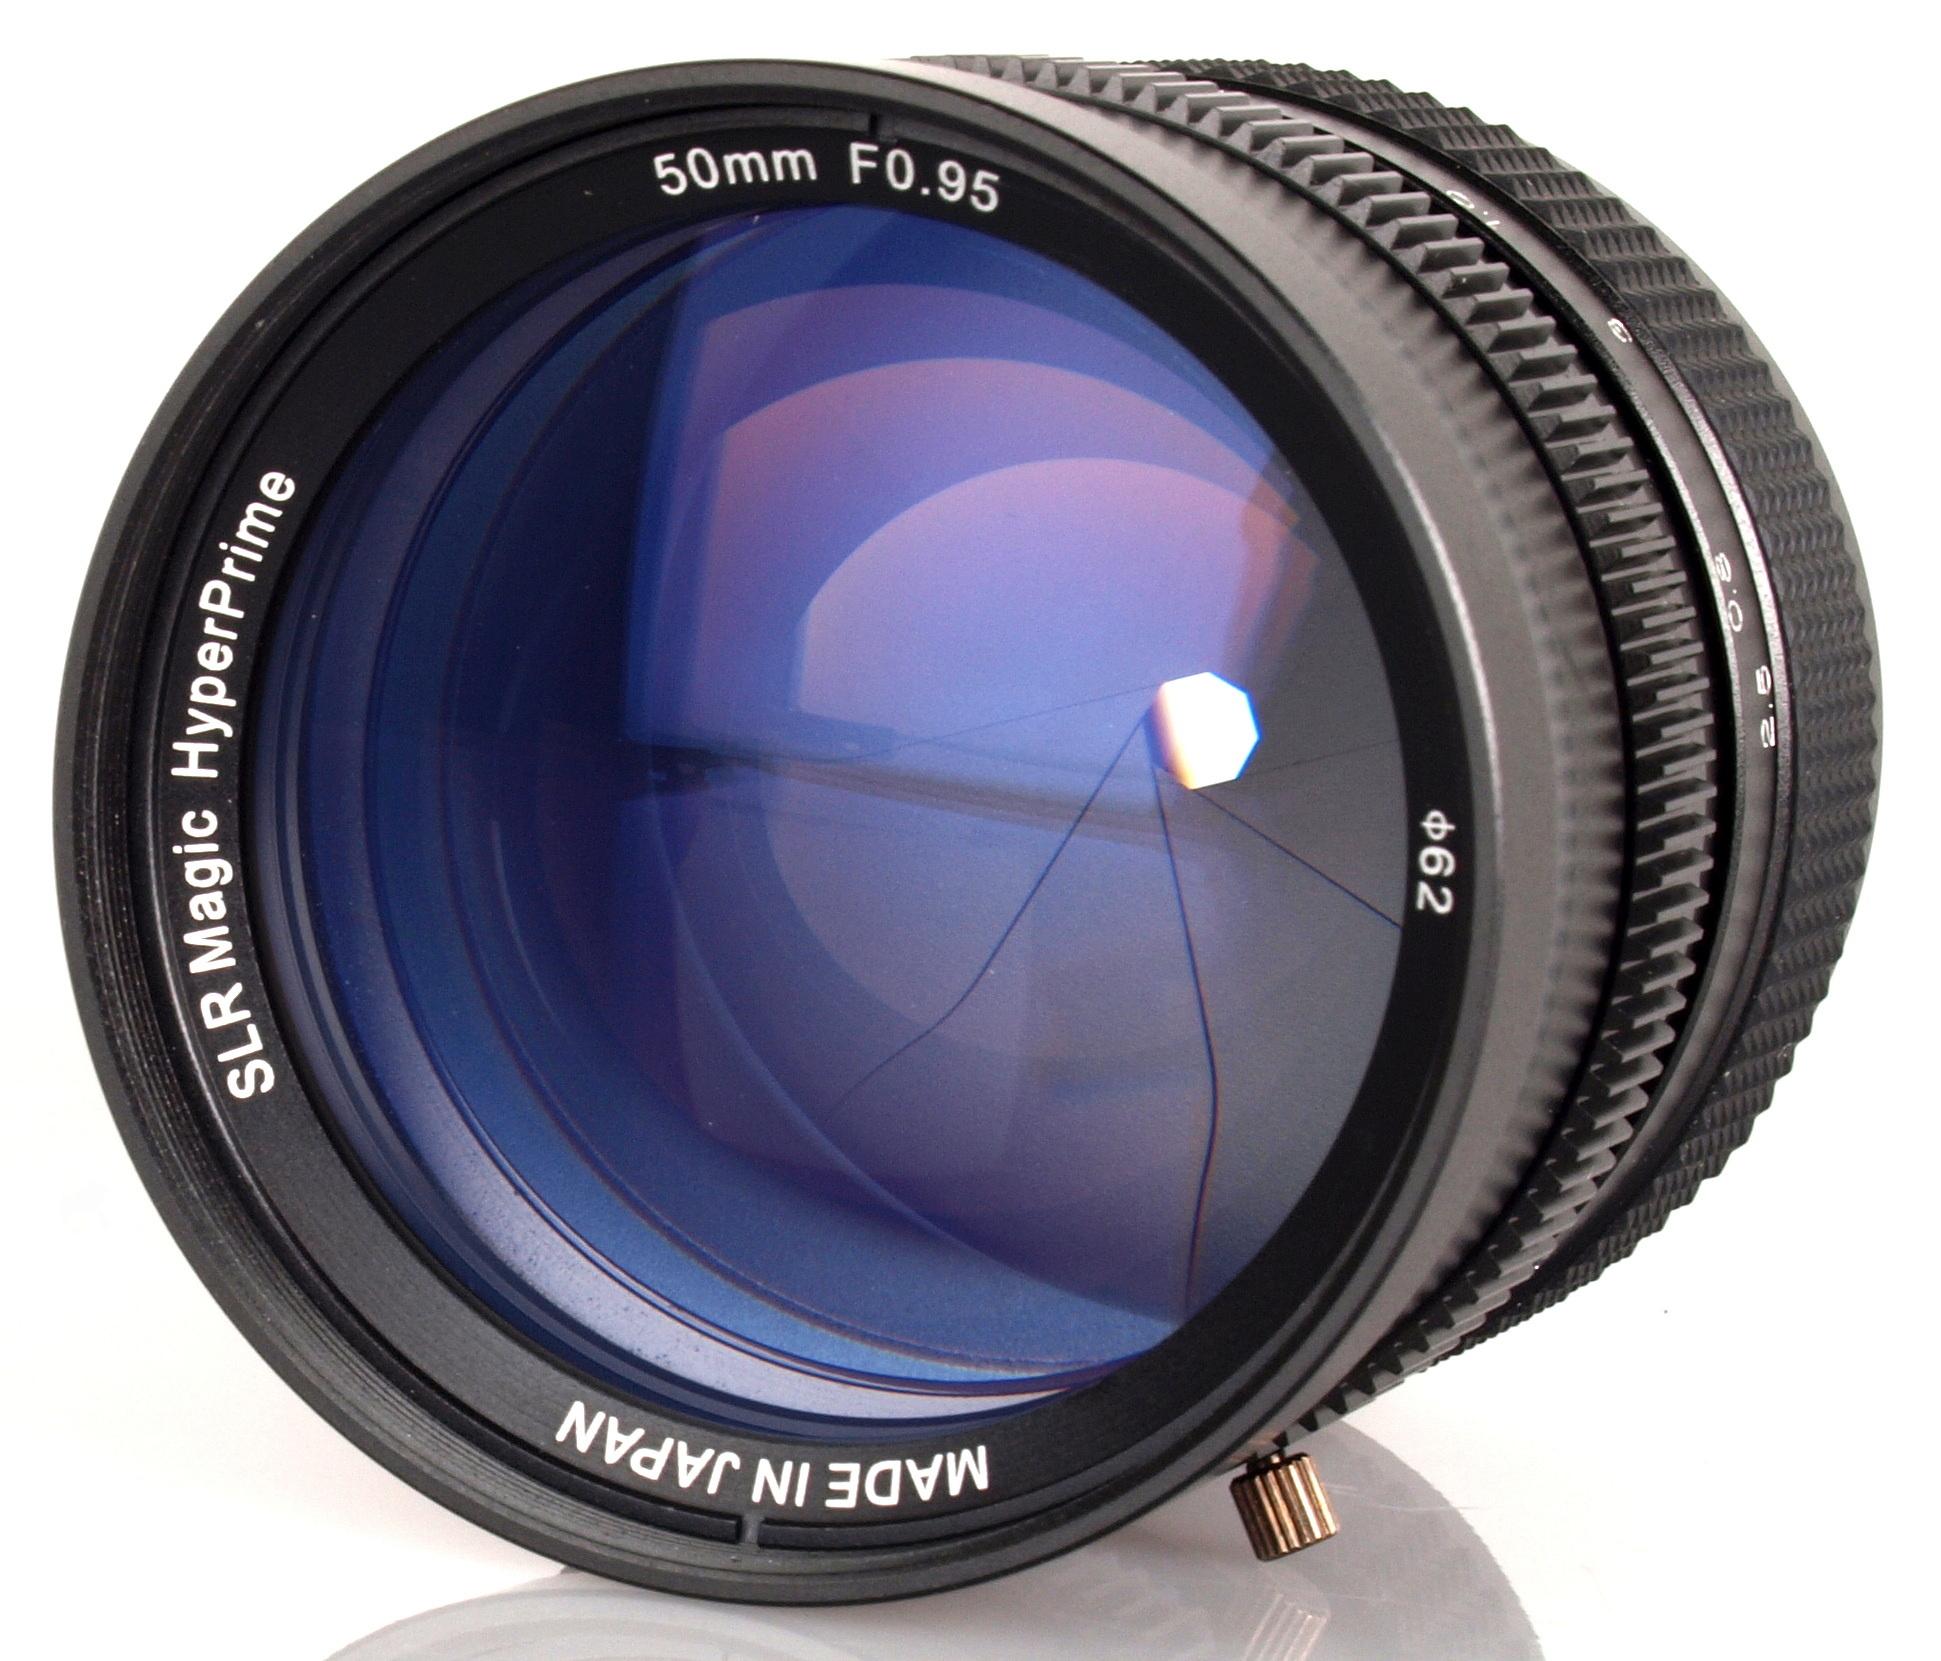 SLR Magic 50mm f/0.95 Hyperprime Lens Review